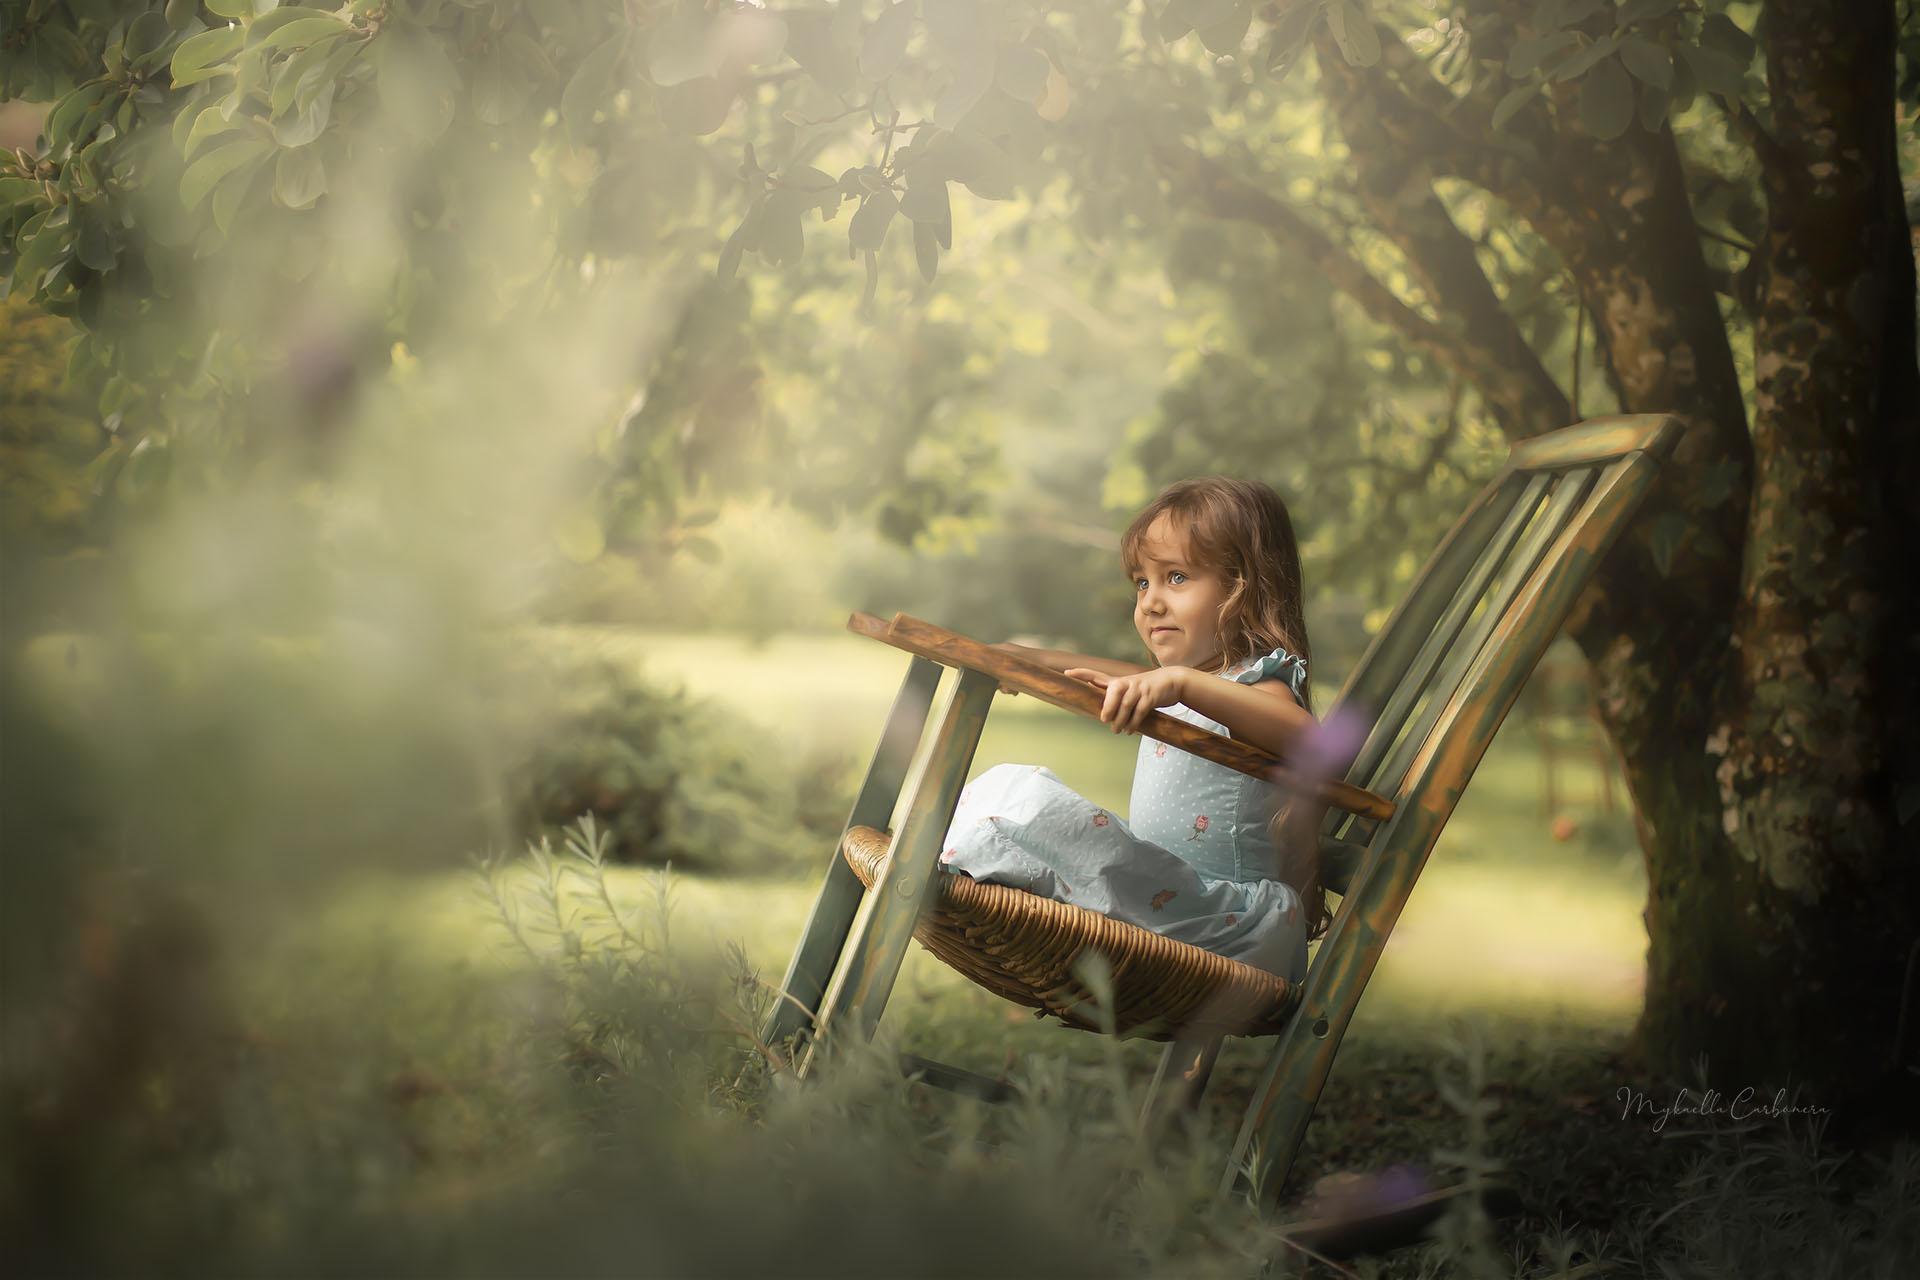 Ana Clara brinca na cadeira de balanço